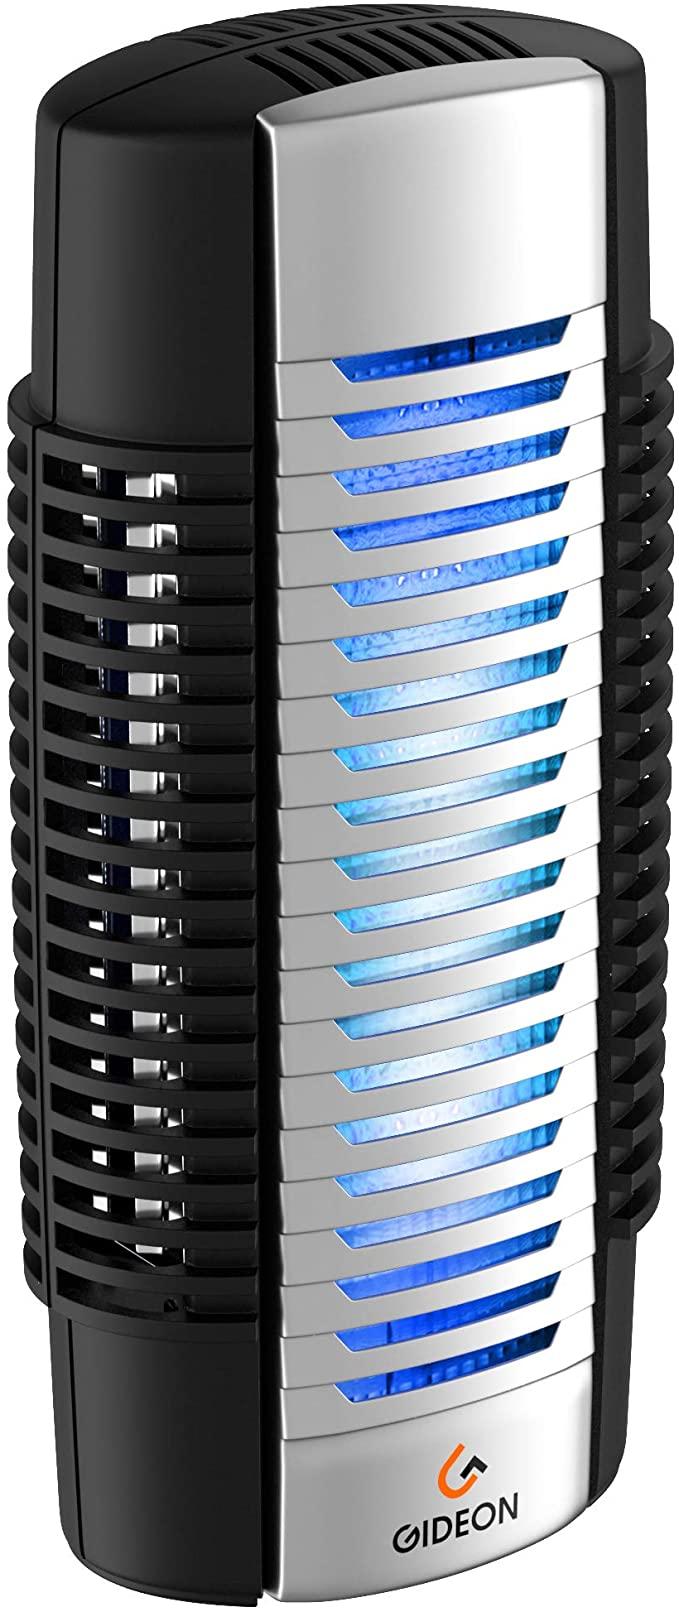 Gideon Mini Plugin Air Ionizer Air Purifier